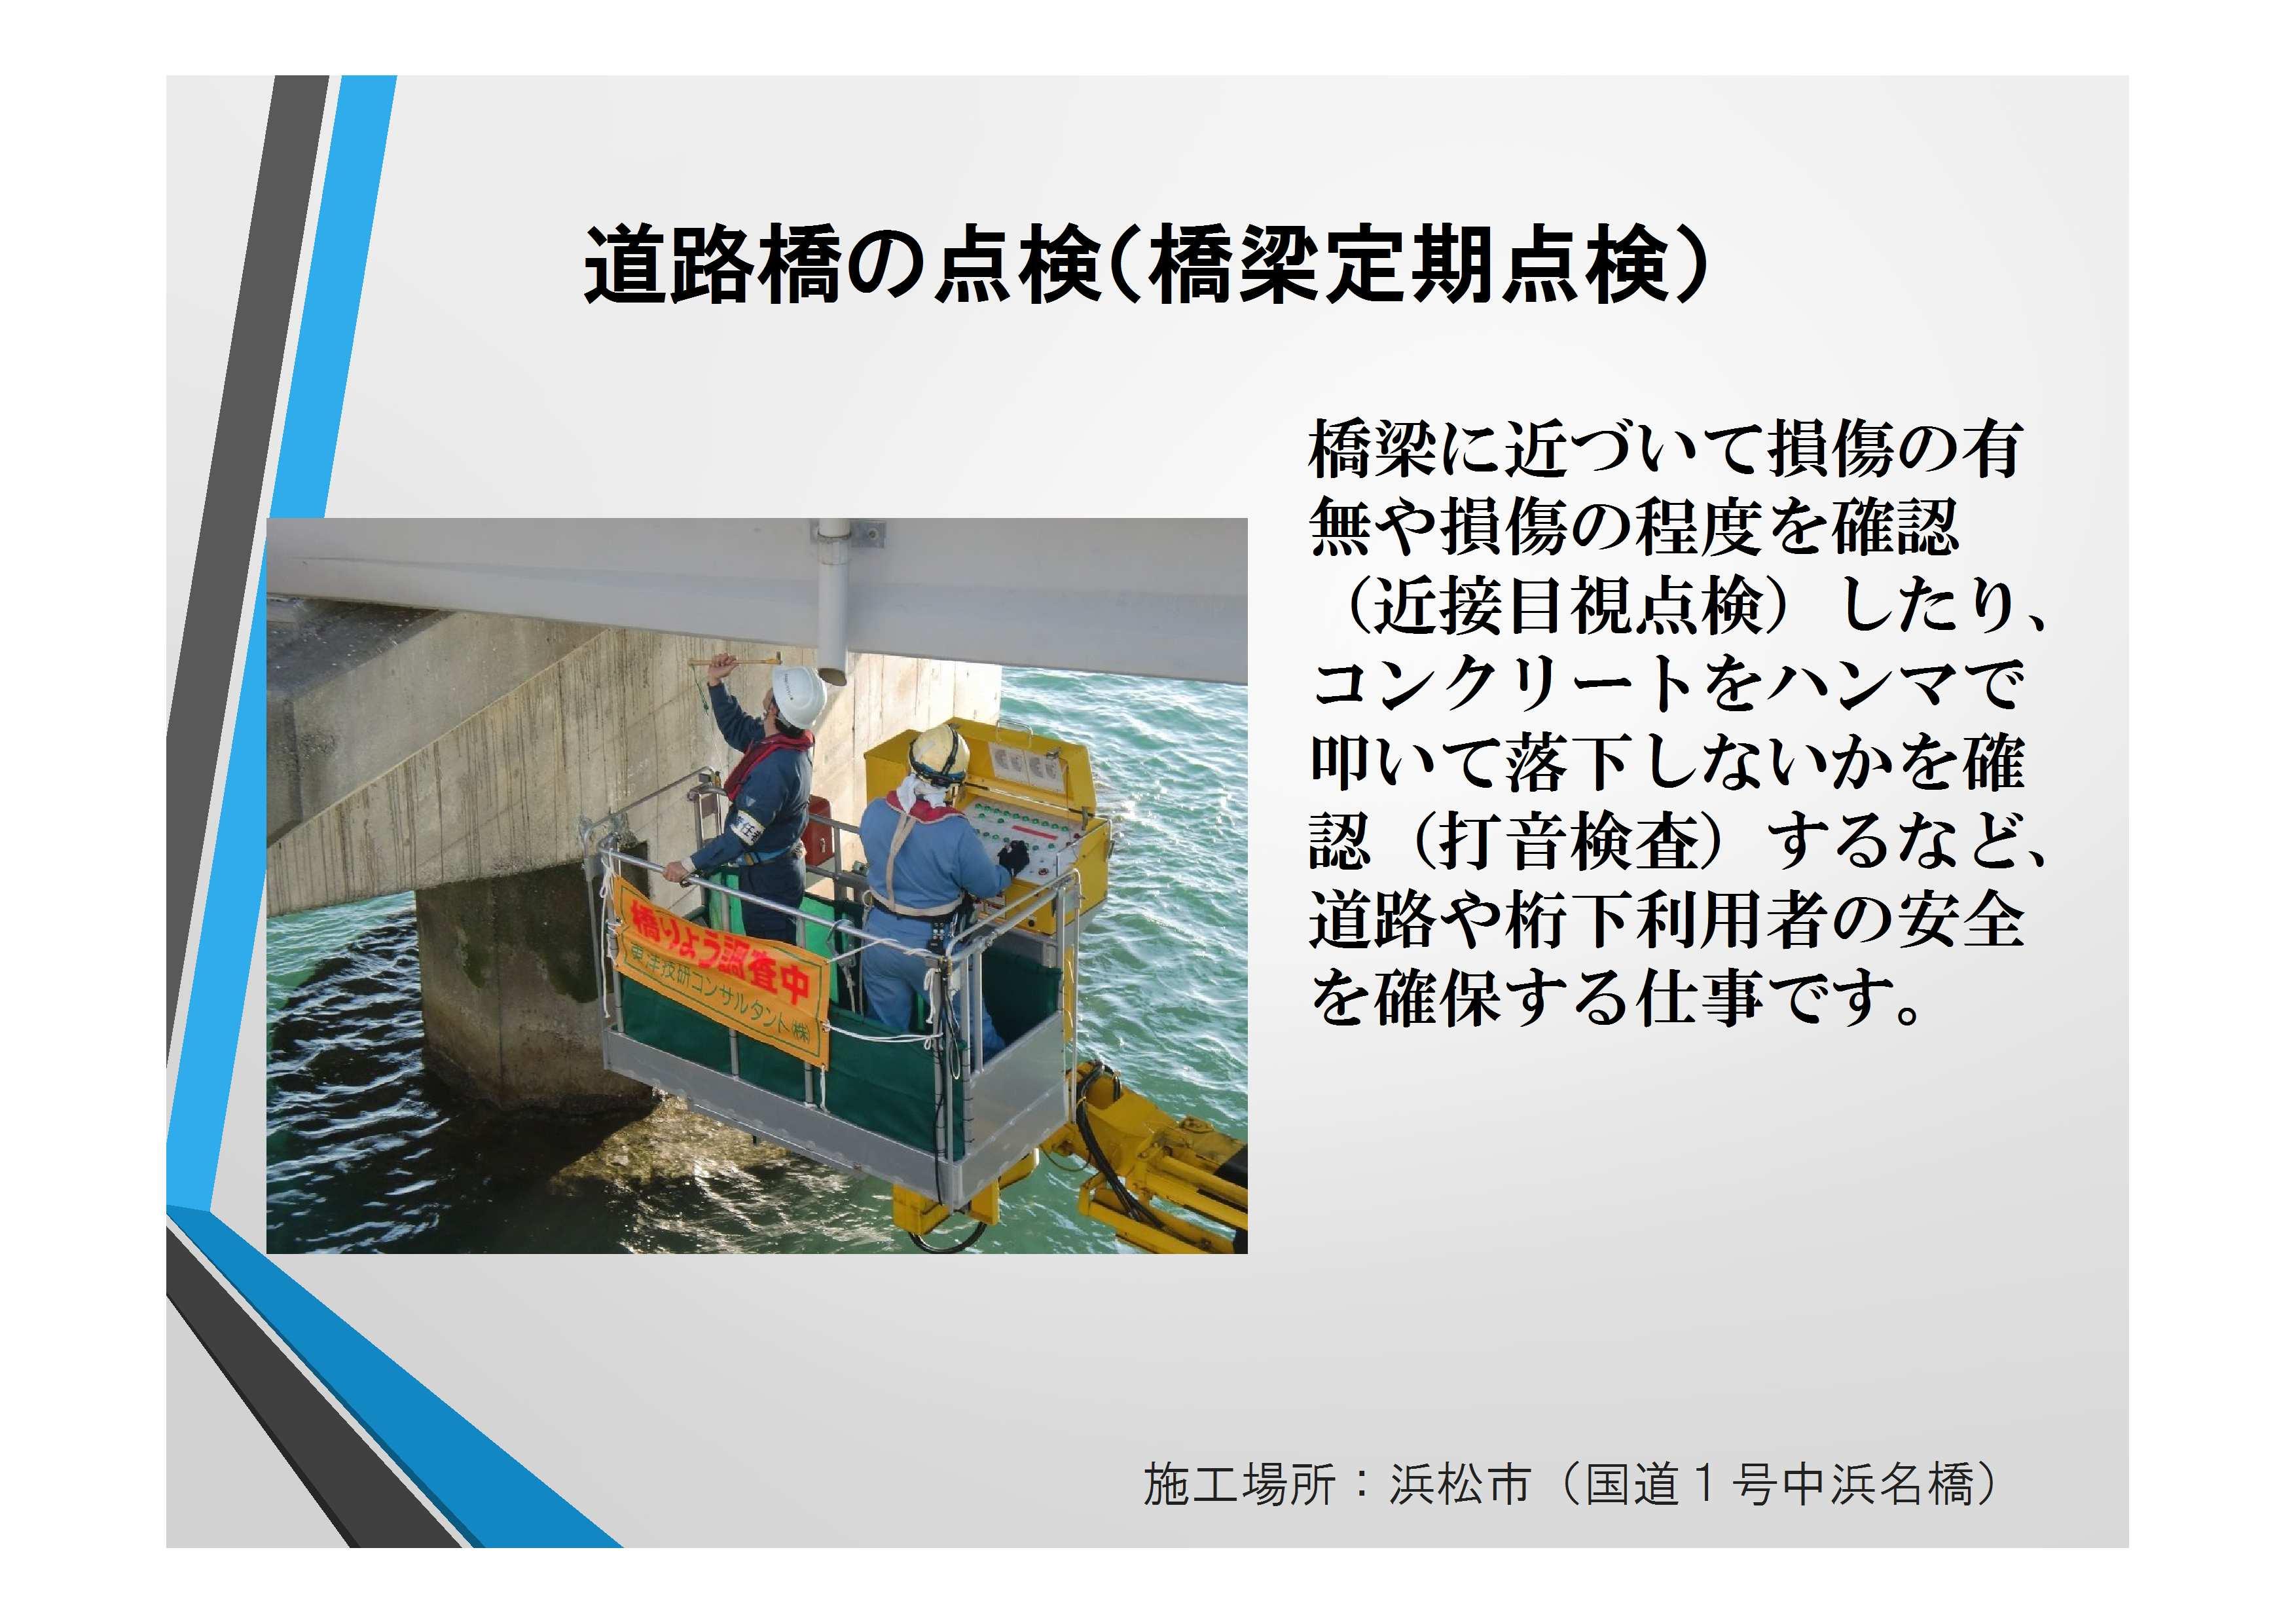 22-022 浜松点検